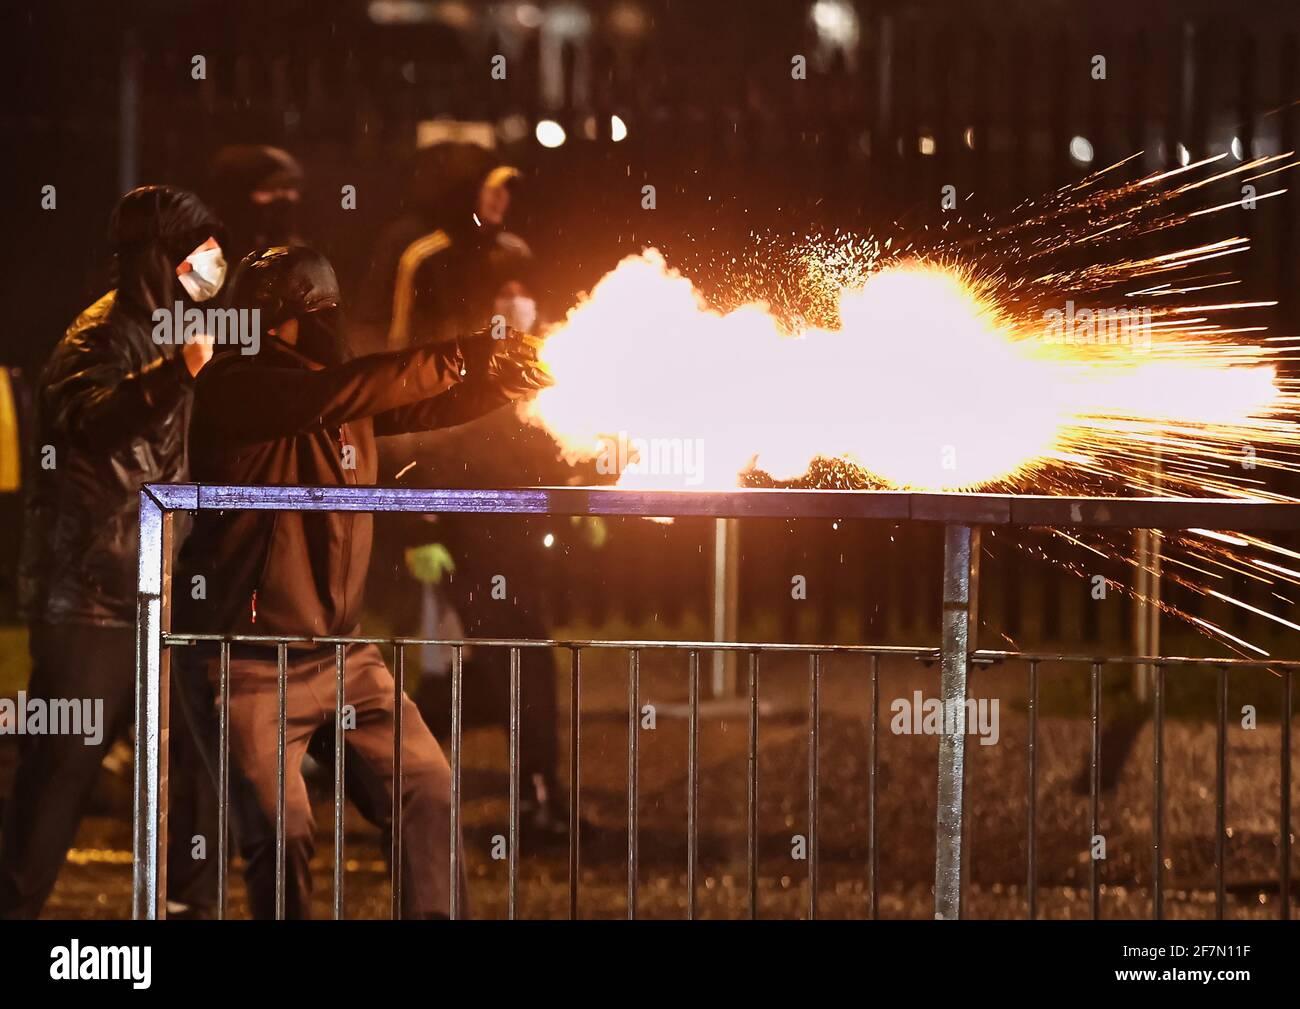 Les jeunes ont tiré des feux d'artifice à la PSNI sur la route de Springfield, pendant de nouveaux troubles à Belfast. Date de la photo : jeudi 8 avril 2021. Banque D'Images